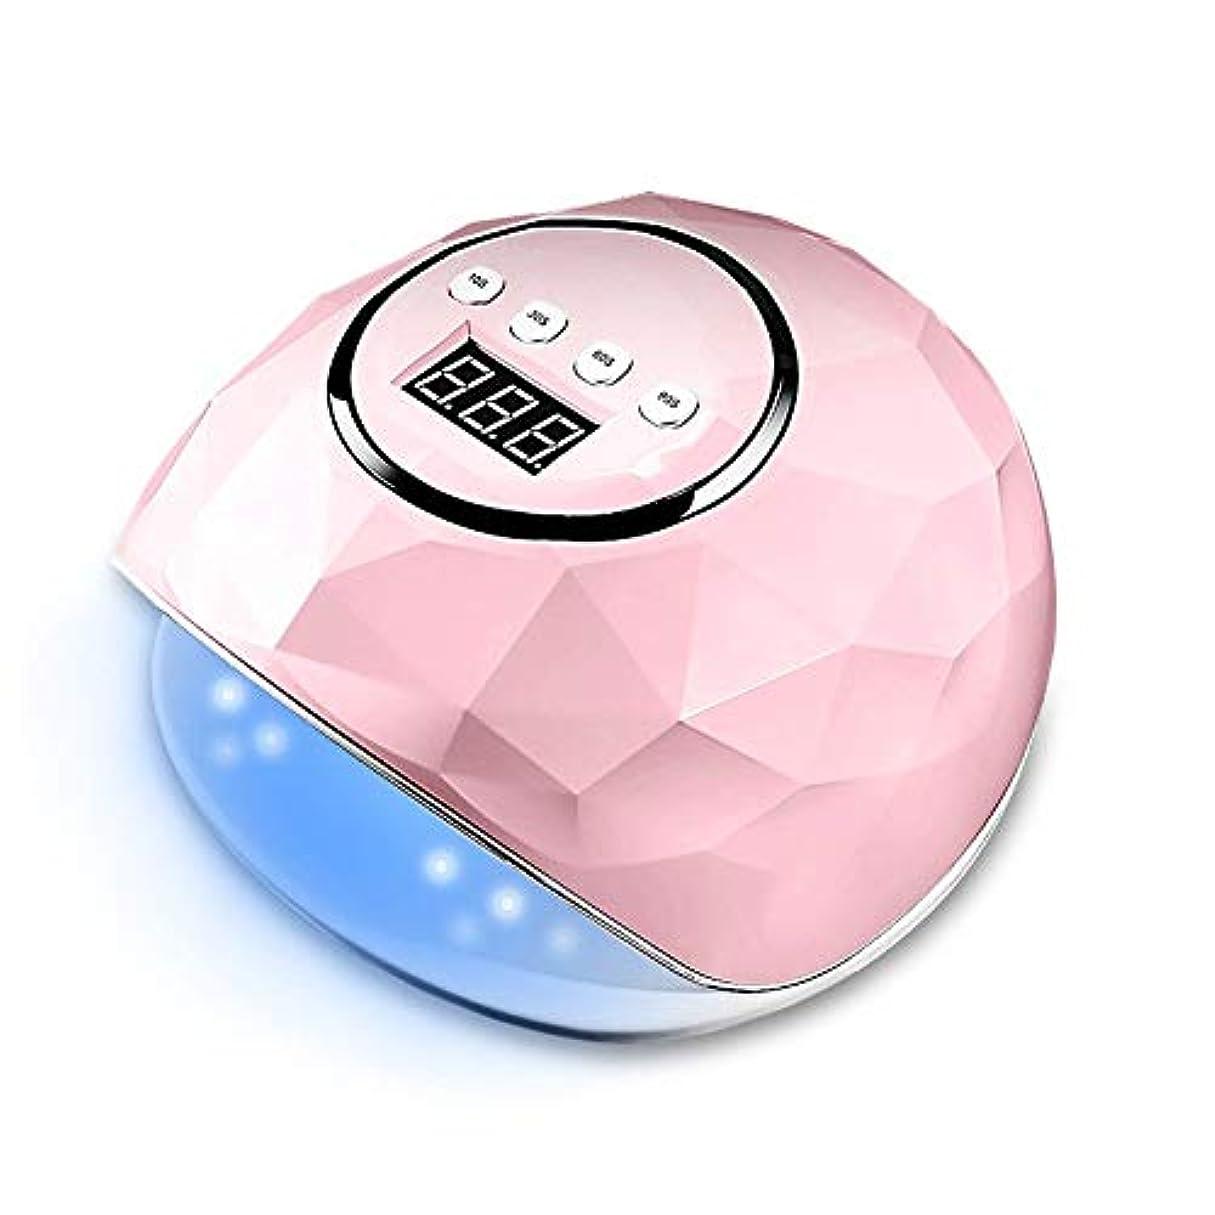 農場好色な食料品店UV光LEDネイルドライヤージェルマニキュアおよびつま先ネイル硬化用自動硬化ランプ(自動センサー付き)(ピンク)